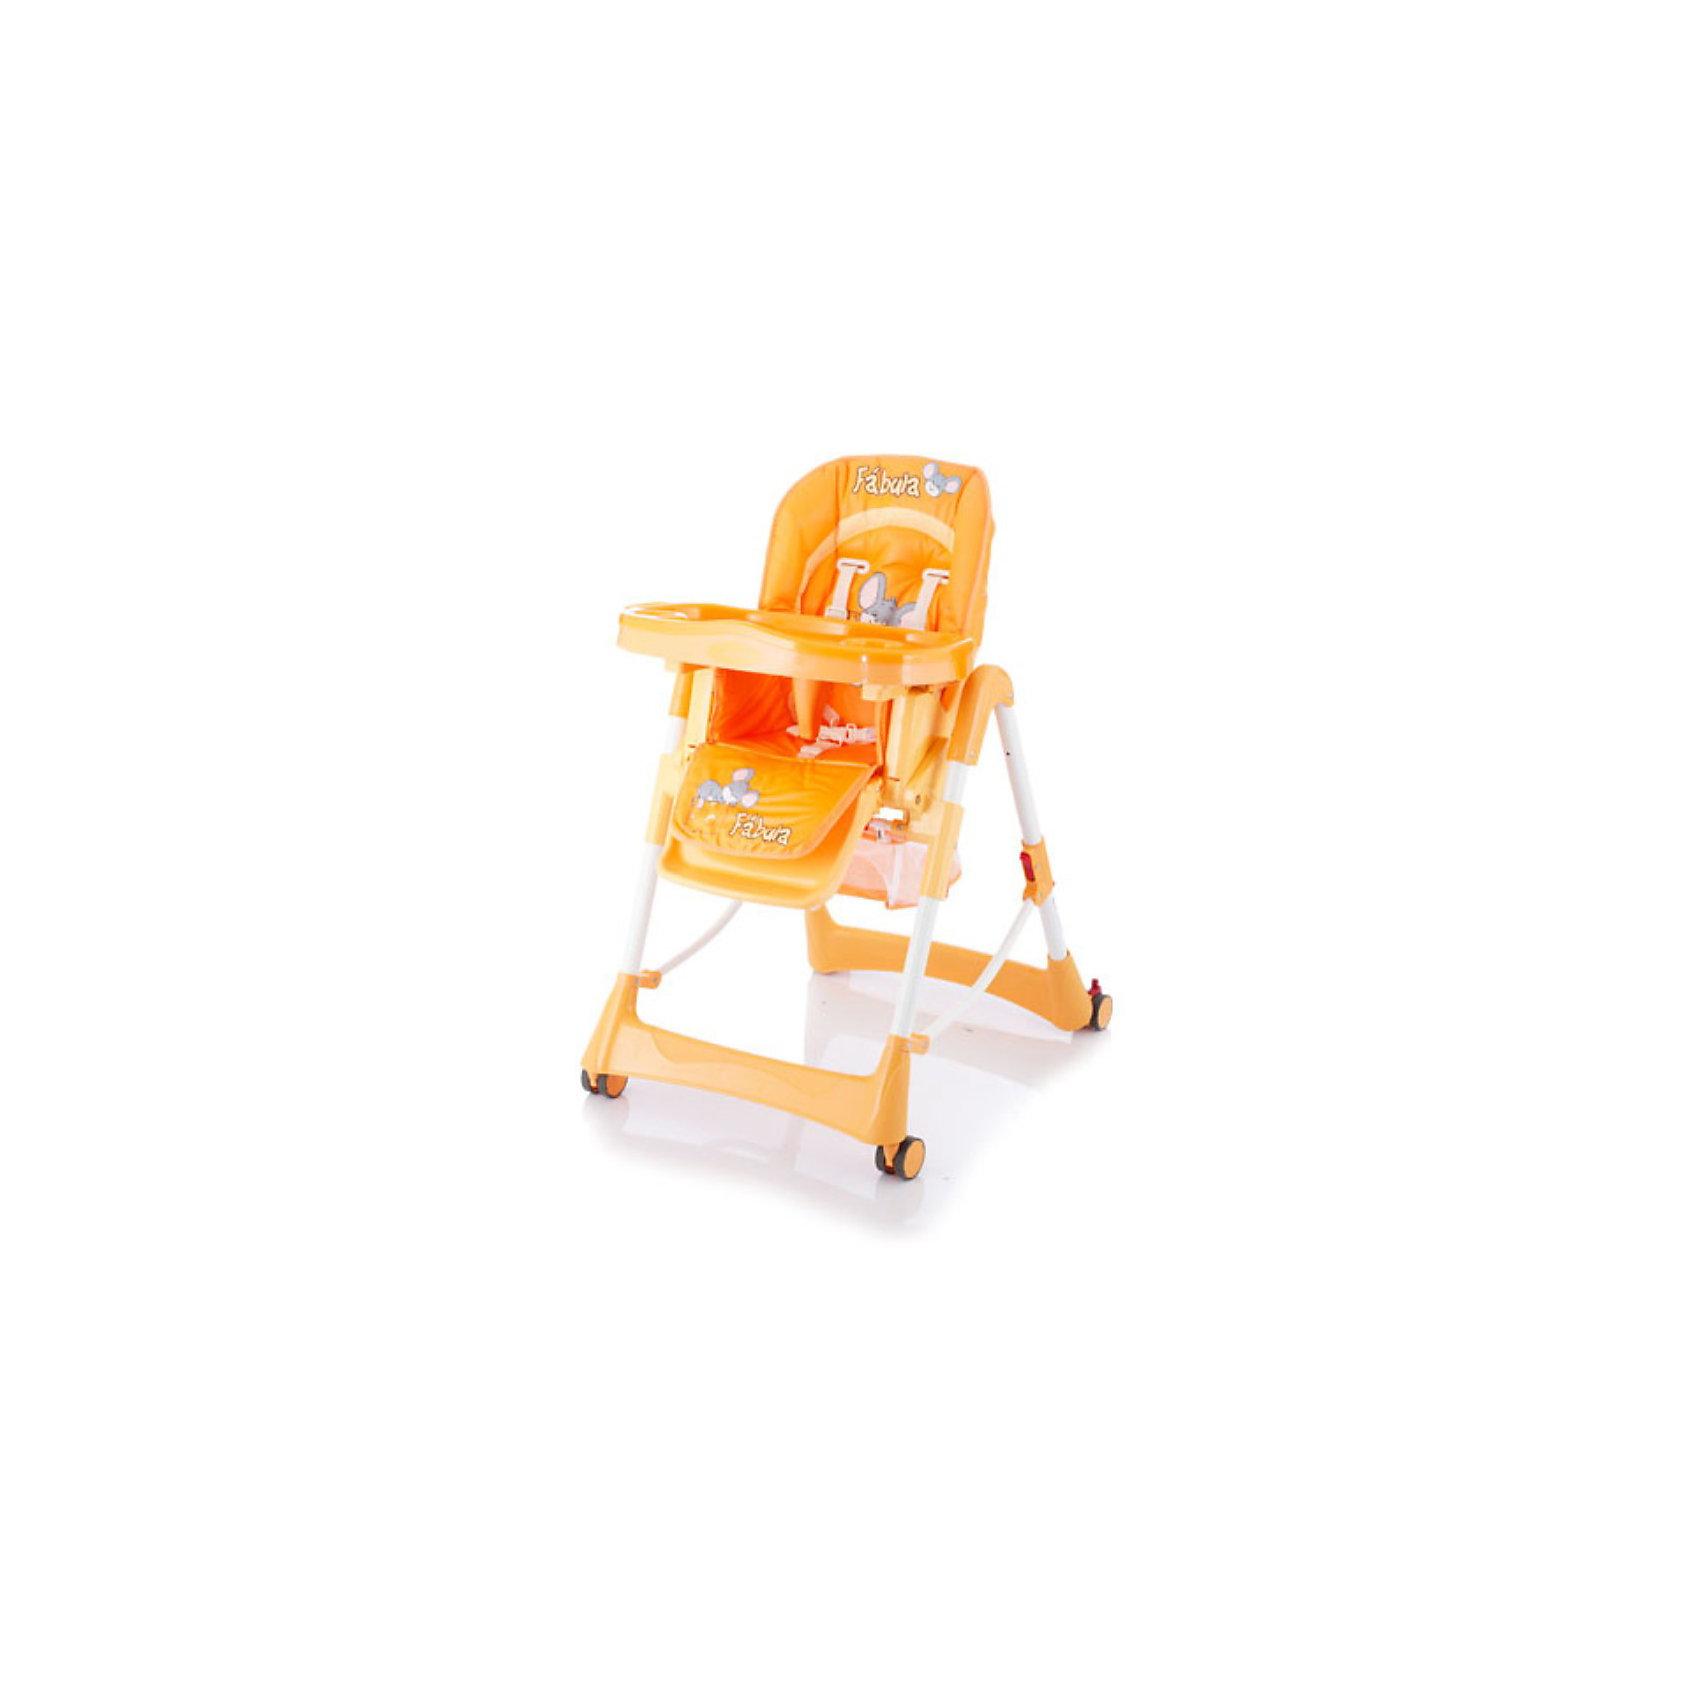 Стульчик для кормления Piero Fabula, Jetem, оранжевыйДаже при наличии ограниченного пространства, стульчик для кормления Jetem Piero Fabula (Жетем Пьеро Фабула) станет Вашим главным помощником в кормлении и играх с ребенком. Возможность простого складывания до компактных размеров, позволяет данной модели не занимать много лишнего места. Прорезиненные колеса, могут быть использованы для перемещения стульчика по комнате, не прилагая особых усилий, при этом, даже самое деликатное напольное покрытие не поцарапается. Молодой маме будет легко ухаживать за таким изделием, так как оно изготовлено из легко моющейся пластмассы и имеет съемную клеенчатую обивку. А ребенку понравится яркий дизайн и веселая расцветка.<br>Стульчик Jetem Piero Fabula (Жетем Пьеро Фабула) можно регулировать по высоте (6 положений), уровню наклона спинки (3 уровня) и глубине столешницы (3 степени), что позволит Вам удобно и полезно использовать его как для первого прикорма, так и для игр с подросшим малышом. Для обеспечения безопасности Вашего малыша, применяется ограничитель и 5-ти точечные ремни безопасности, а наличие поперечной металлической рамы и регулируемой подножки, придают стульчику максимально надежную устойчивость. Изделие имеет прочную сетку для игрушек ребенка. Комфортный и продуманный стул на все случаи жизни!<br><br>Дополнительная информация:<br><br>- 6 уровней высоты кресла; <br>- 3 положения наклона спинки;<br>- 3 положения глубины столешницы; <br>- 5-ти точечные ремни безопасности; <br>- Ограничитель не позволяет ребенку соскальзывать со стульчика; <br>- Съемная дополнительная прозрачная столешница; <br>- Регулируемая подножка; <br>- Просторная сетка для игрушек; <br>- Устойчиво стоит в сложенном состоянии, что очень важно для ограниченных пространств; <br>- Легко моющаяся клеенчатая обивка; <br>- Прорезиненные колеса, щадящие напольные покрытия; <br>- Рама с поперечной перекладиной для обеспечения максимальной устойчивости; <br>- Эксклюзивный дизайн;<br>- Максимальный вес ребенка